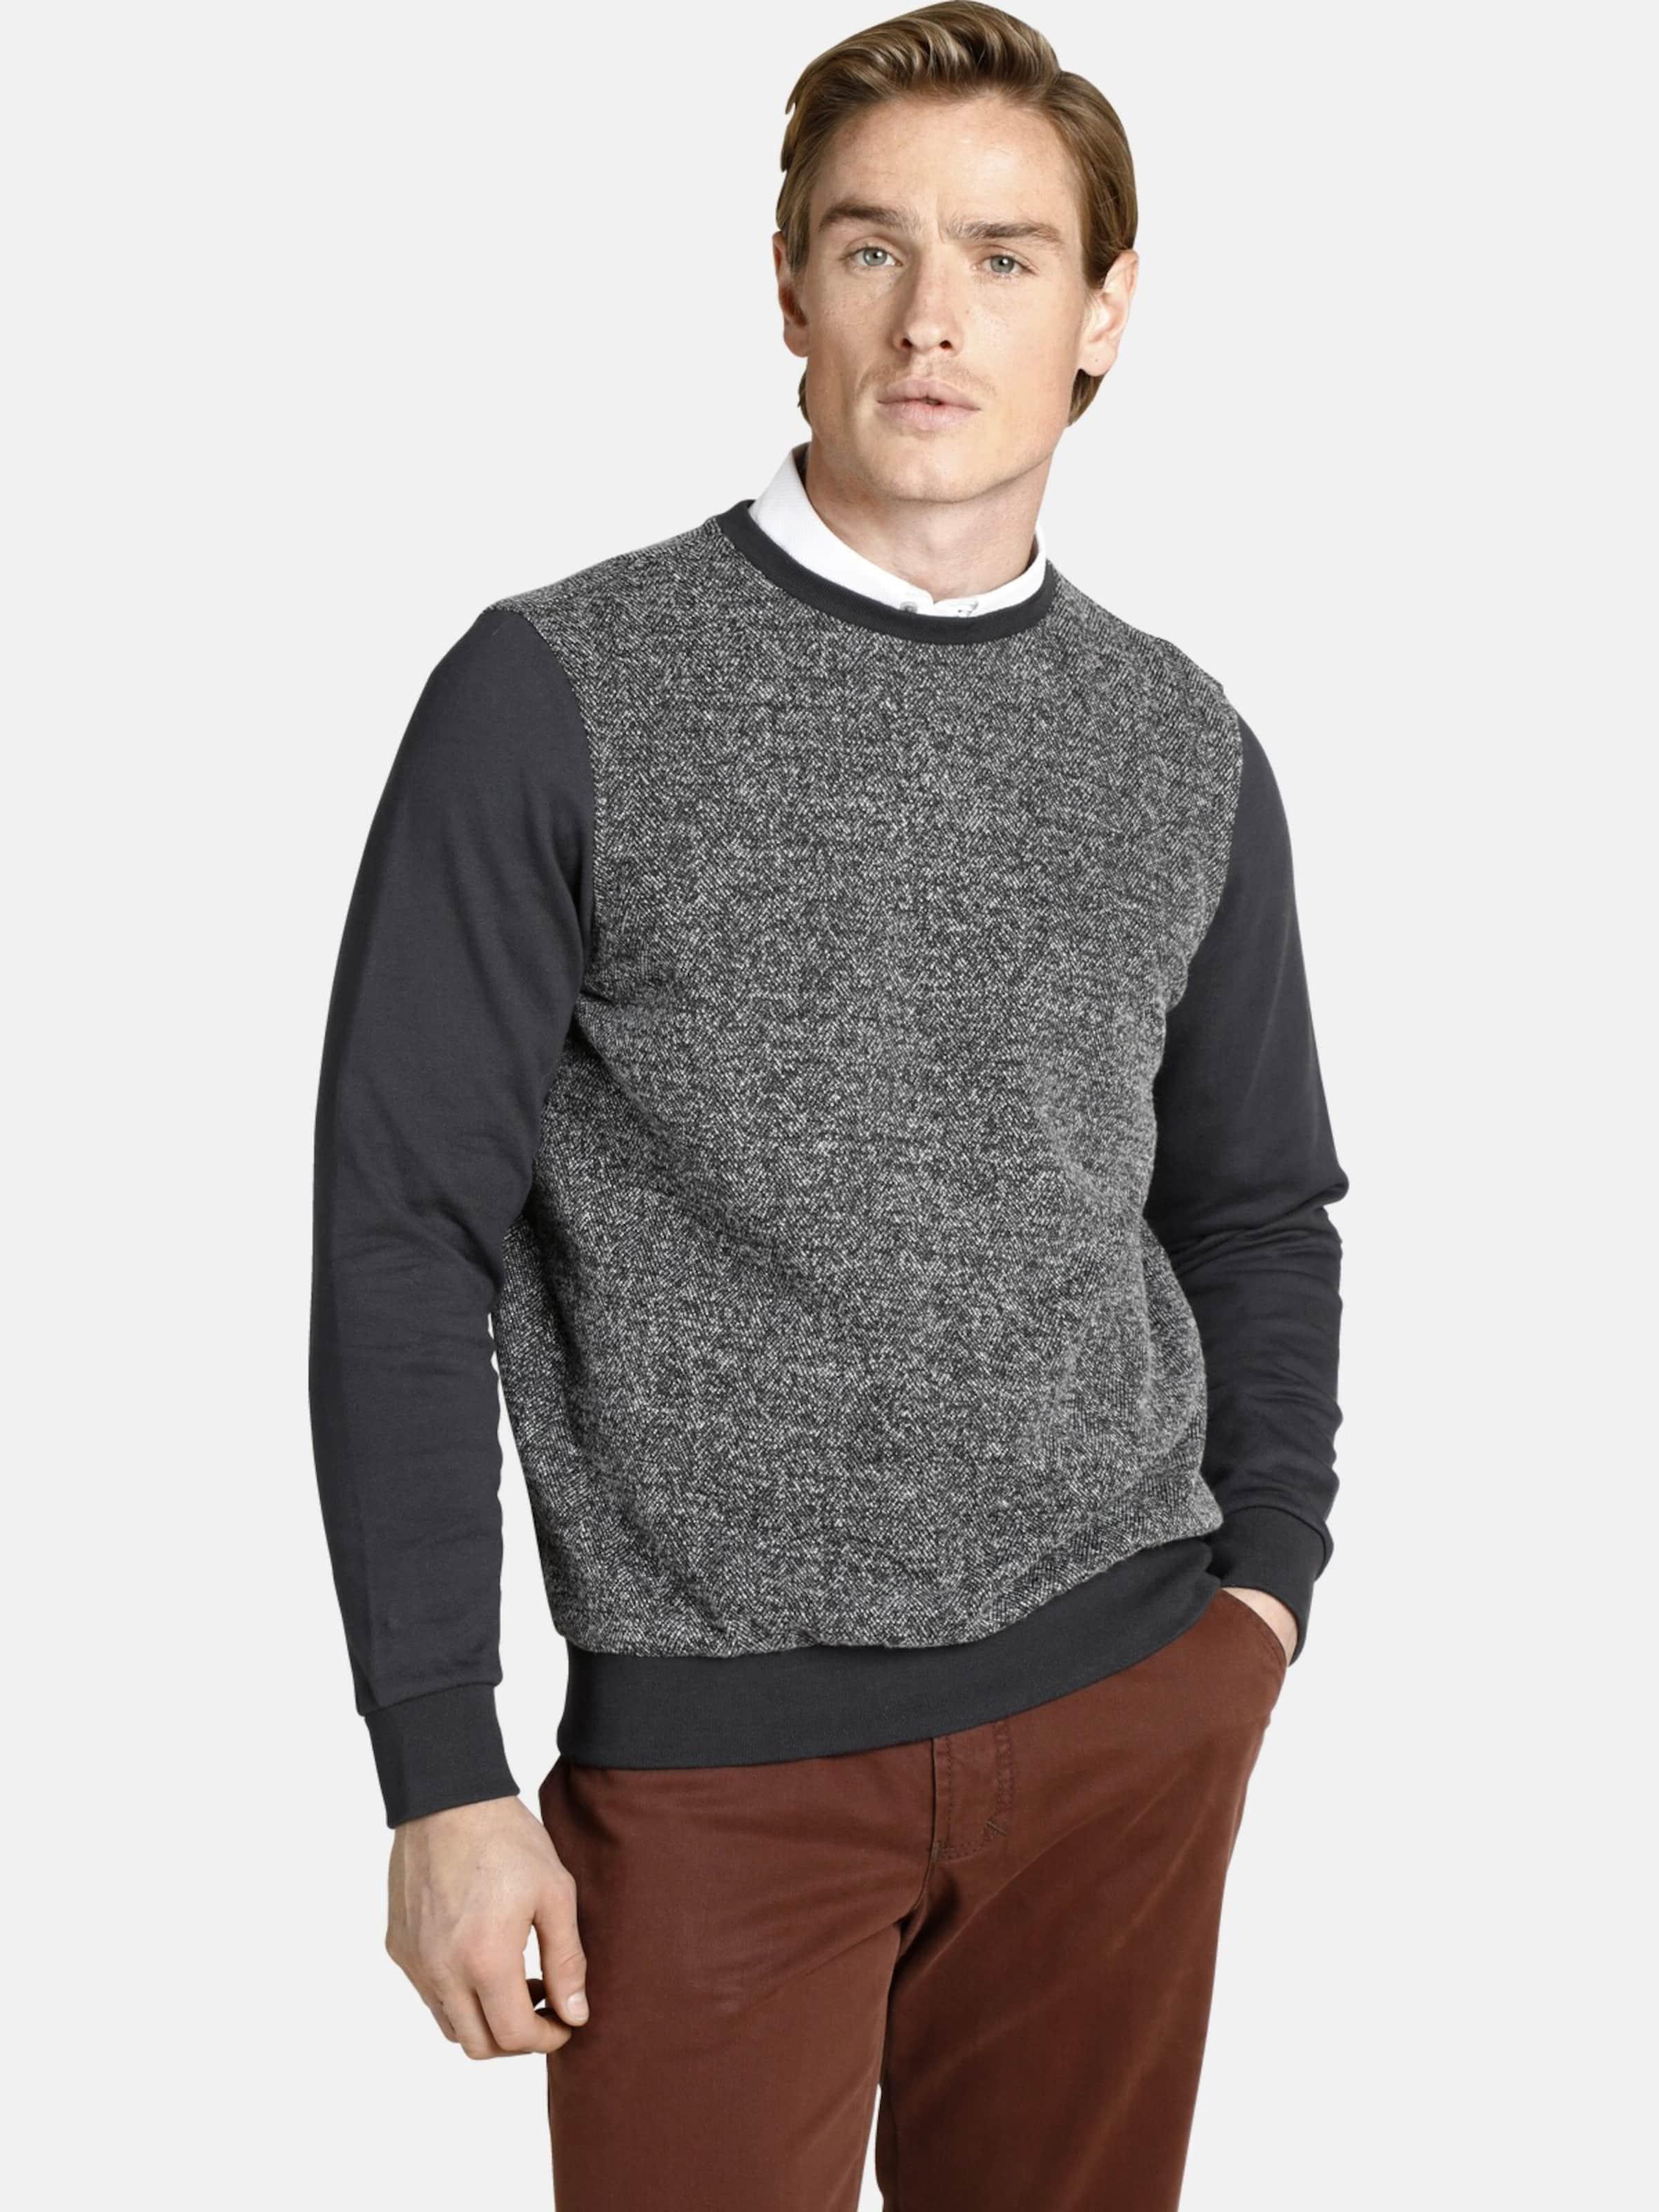 Charles Colby Sweatshirt 'Earl Fergus' in dunkelgrau Sweatstoff C09518-0001